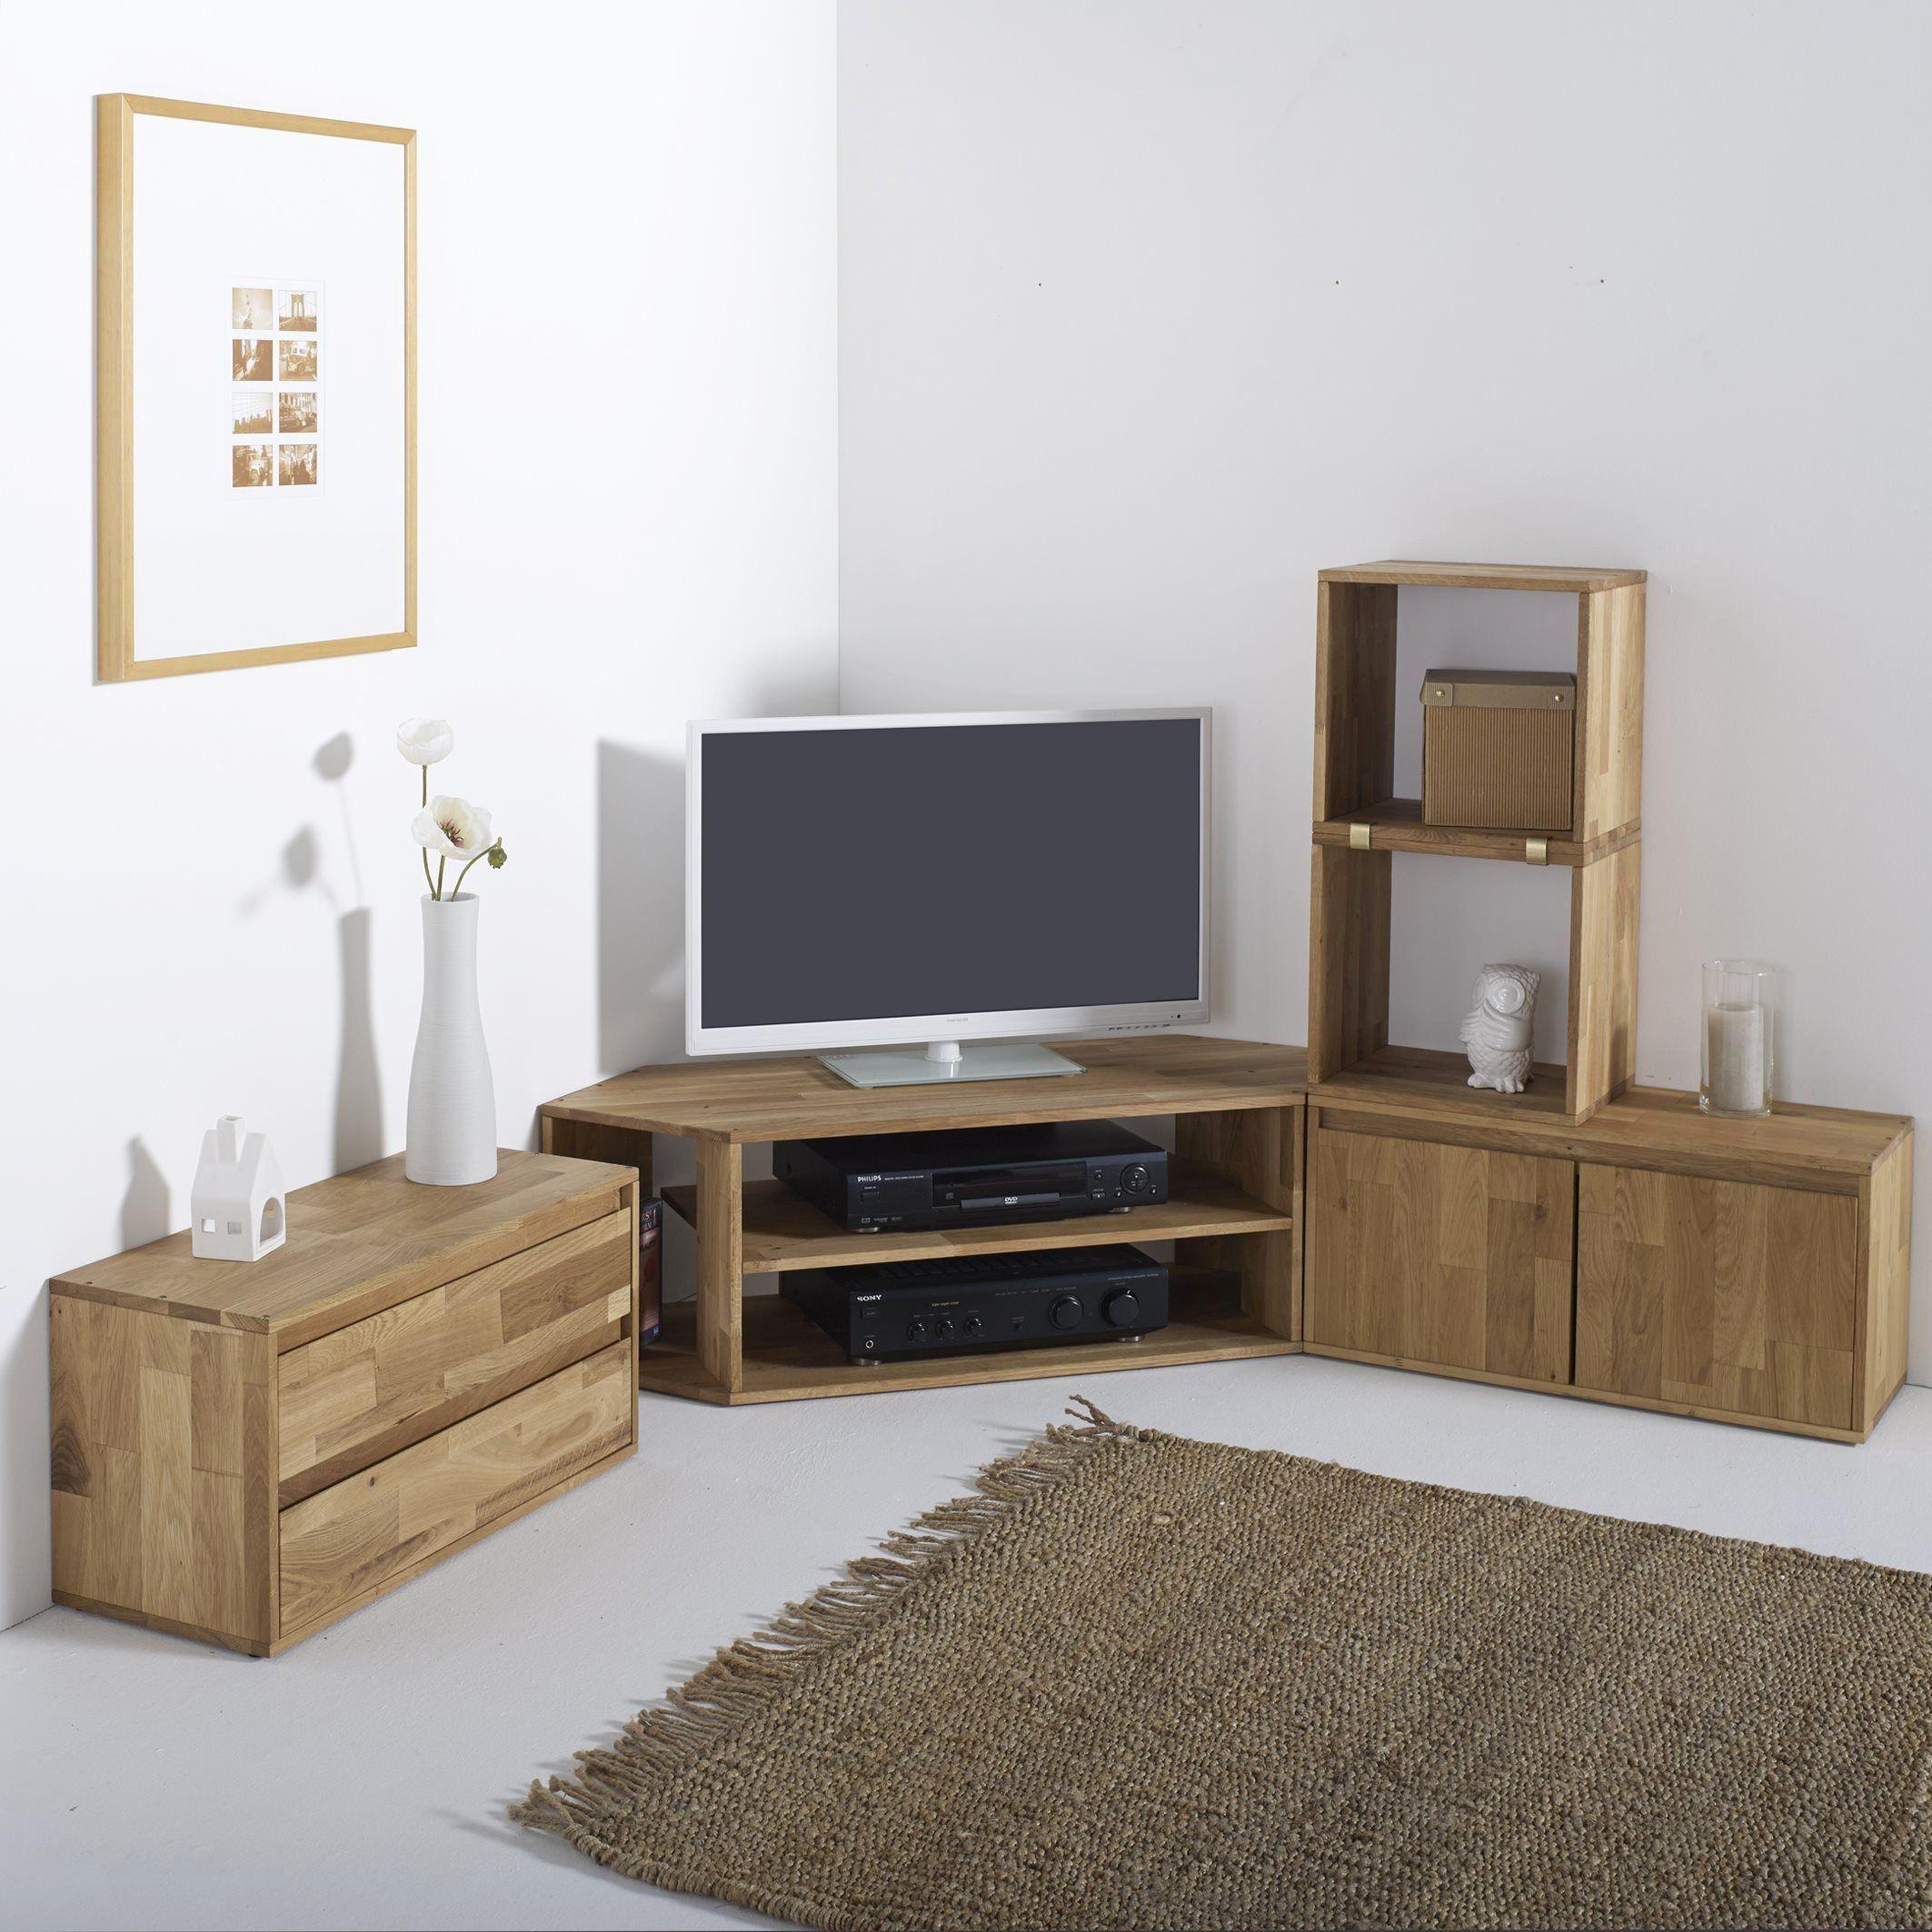 meuble bas d angle meuble d angle salon meubles besta meuble blanc 0d of meuble bas d angle